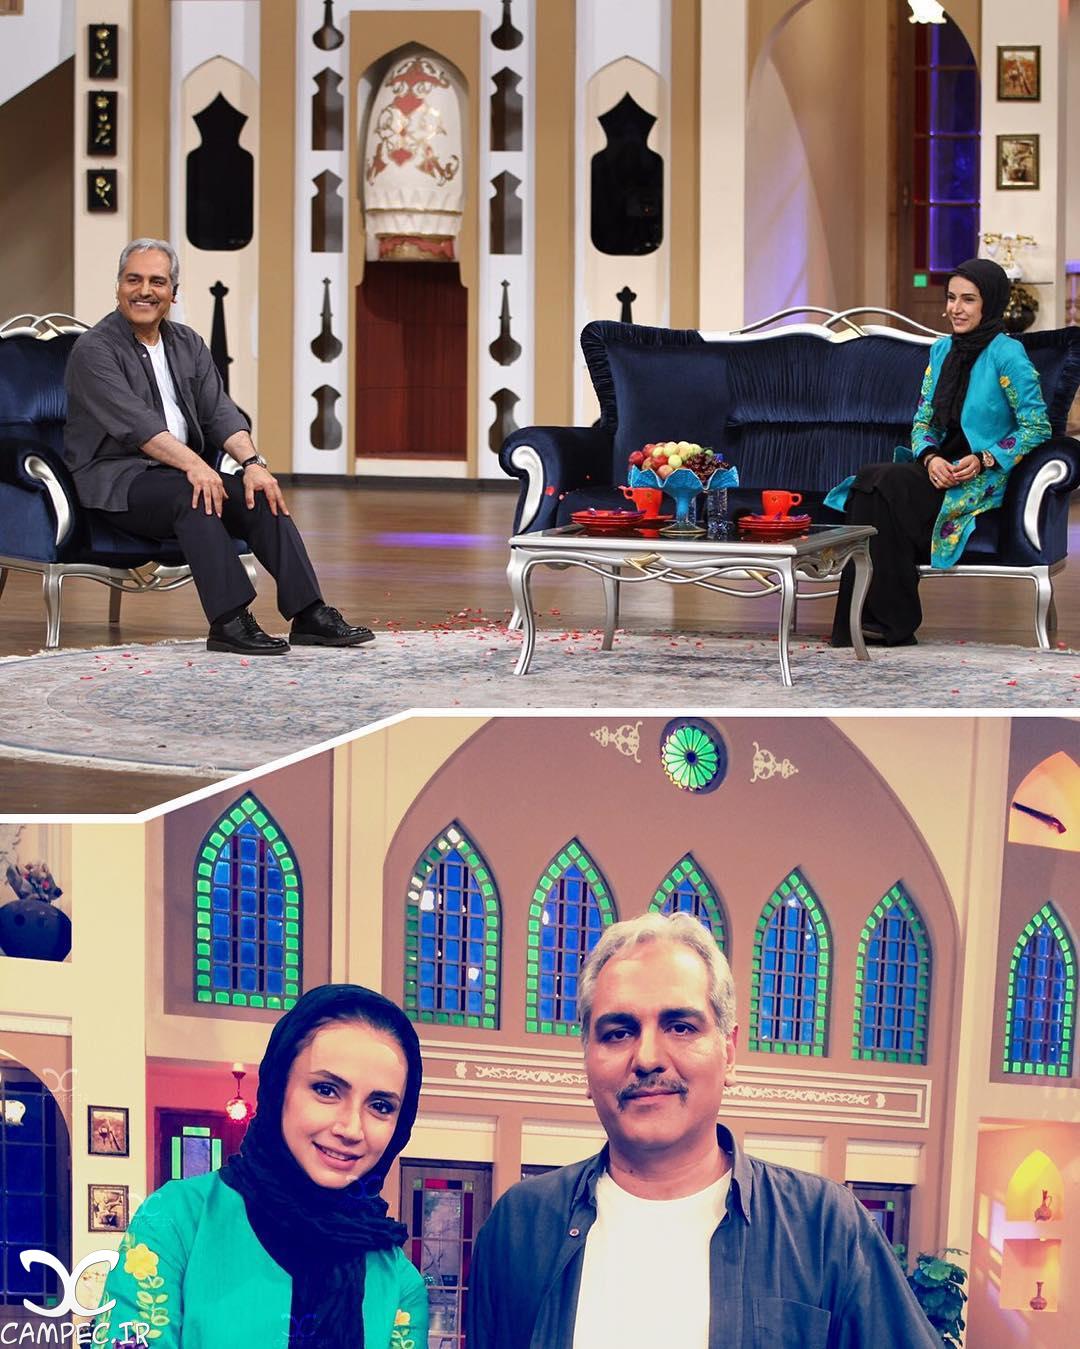 حضور شبنم قلی خانی در برنامه دورهمی /تصاویر